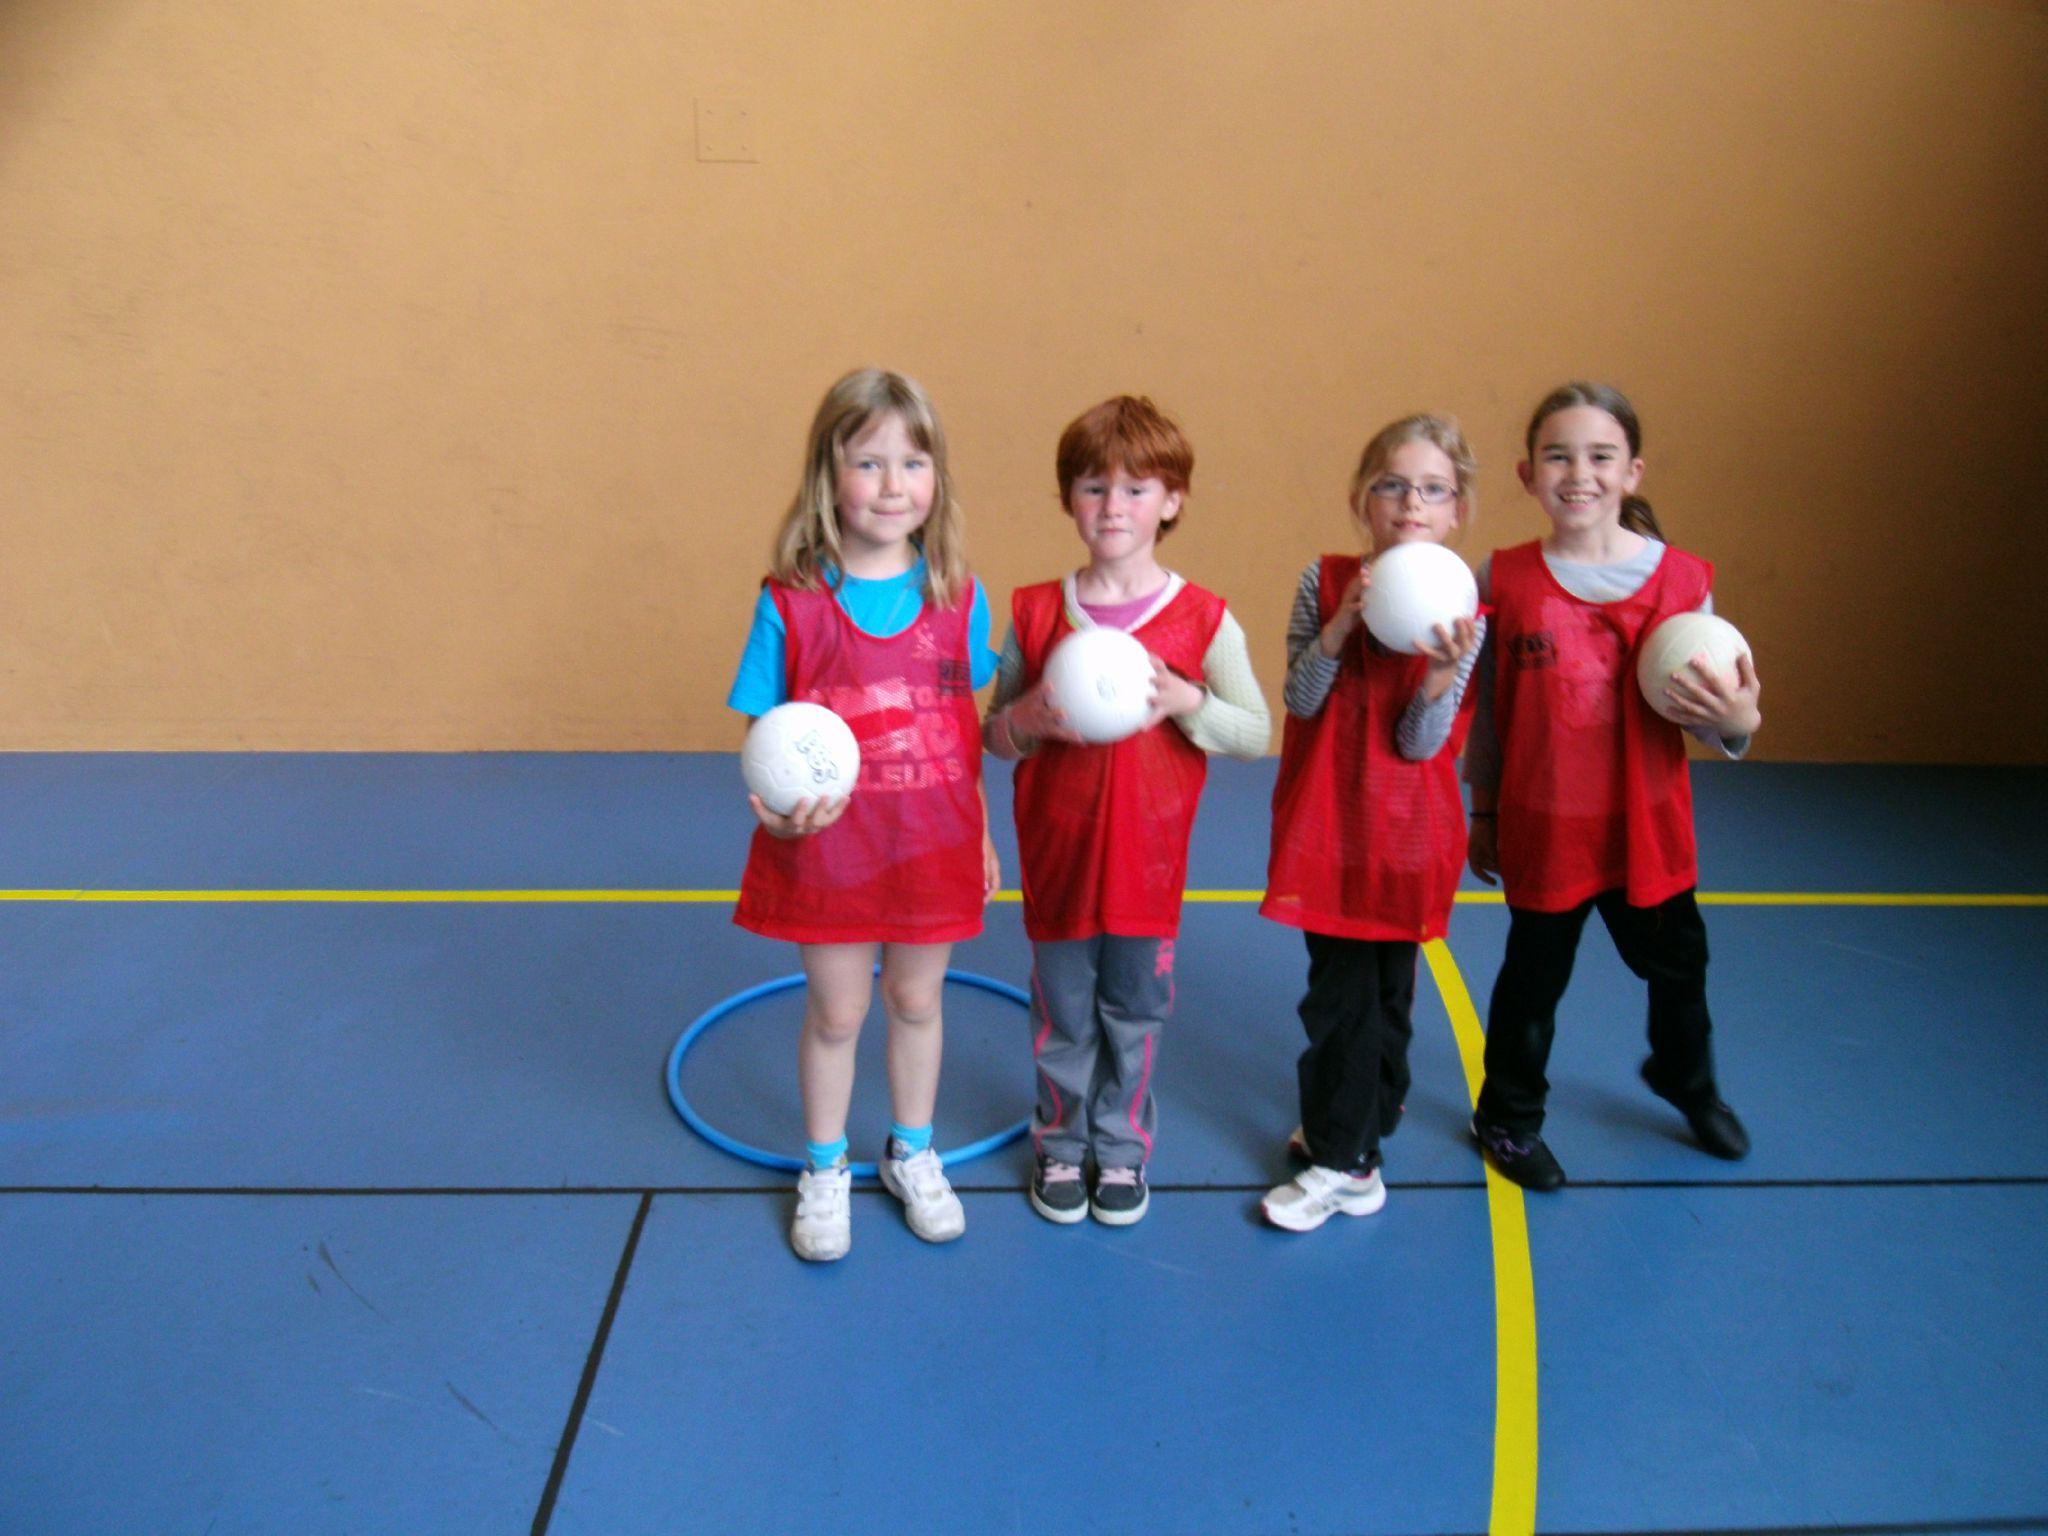 L'équipe des filles en rouge